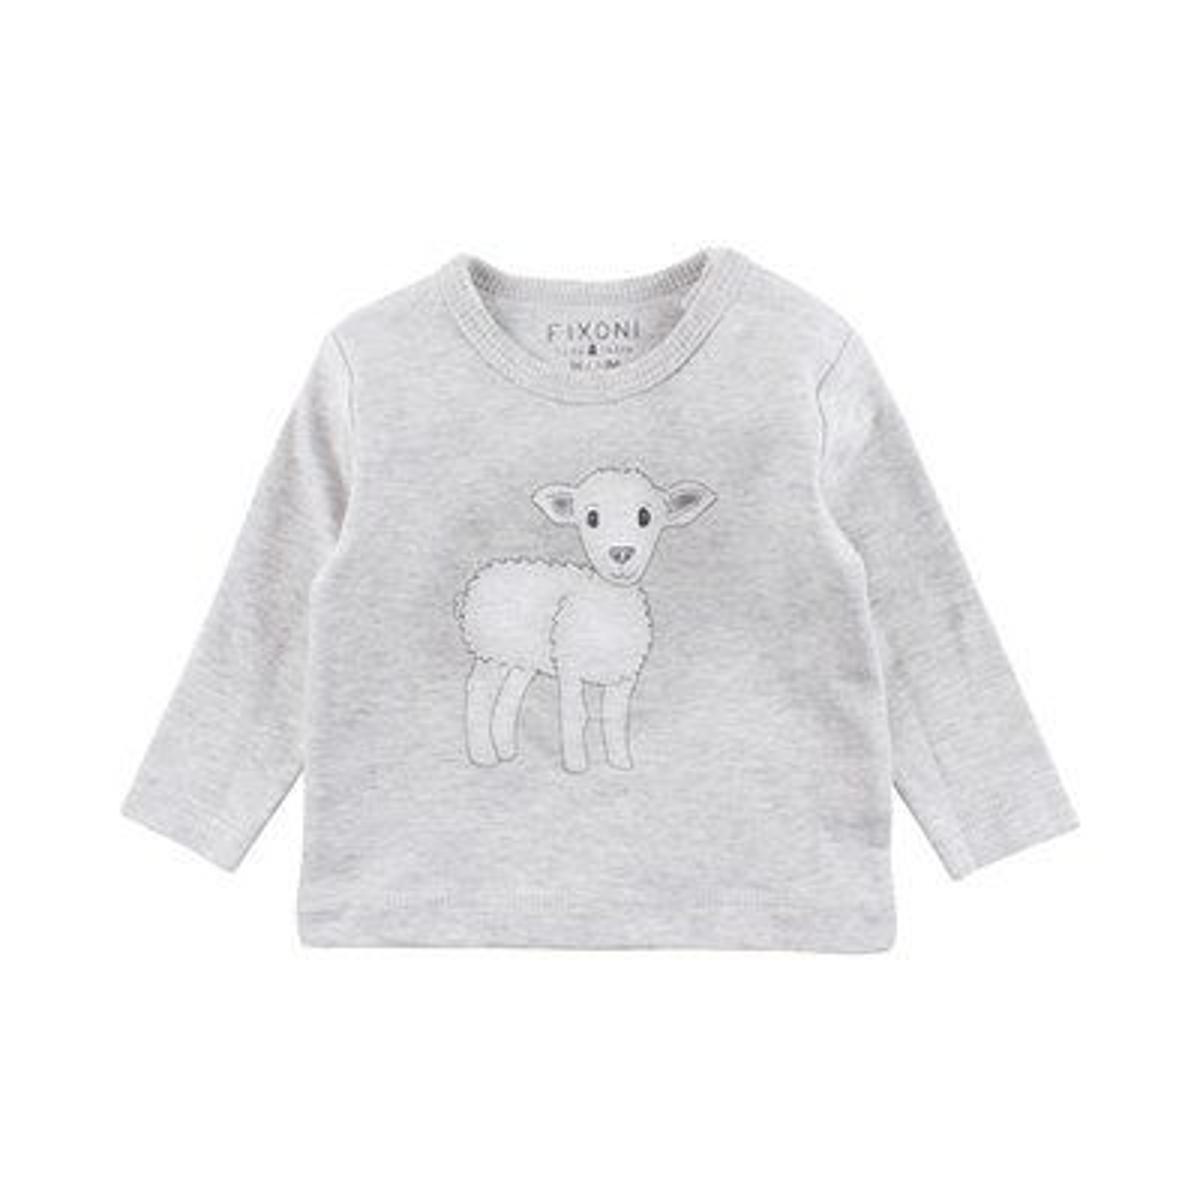 Fixoni T-shirt à manches longues mouton top bébé vêtements...